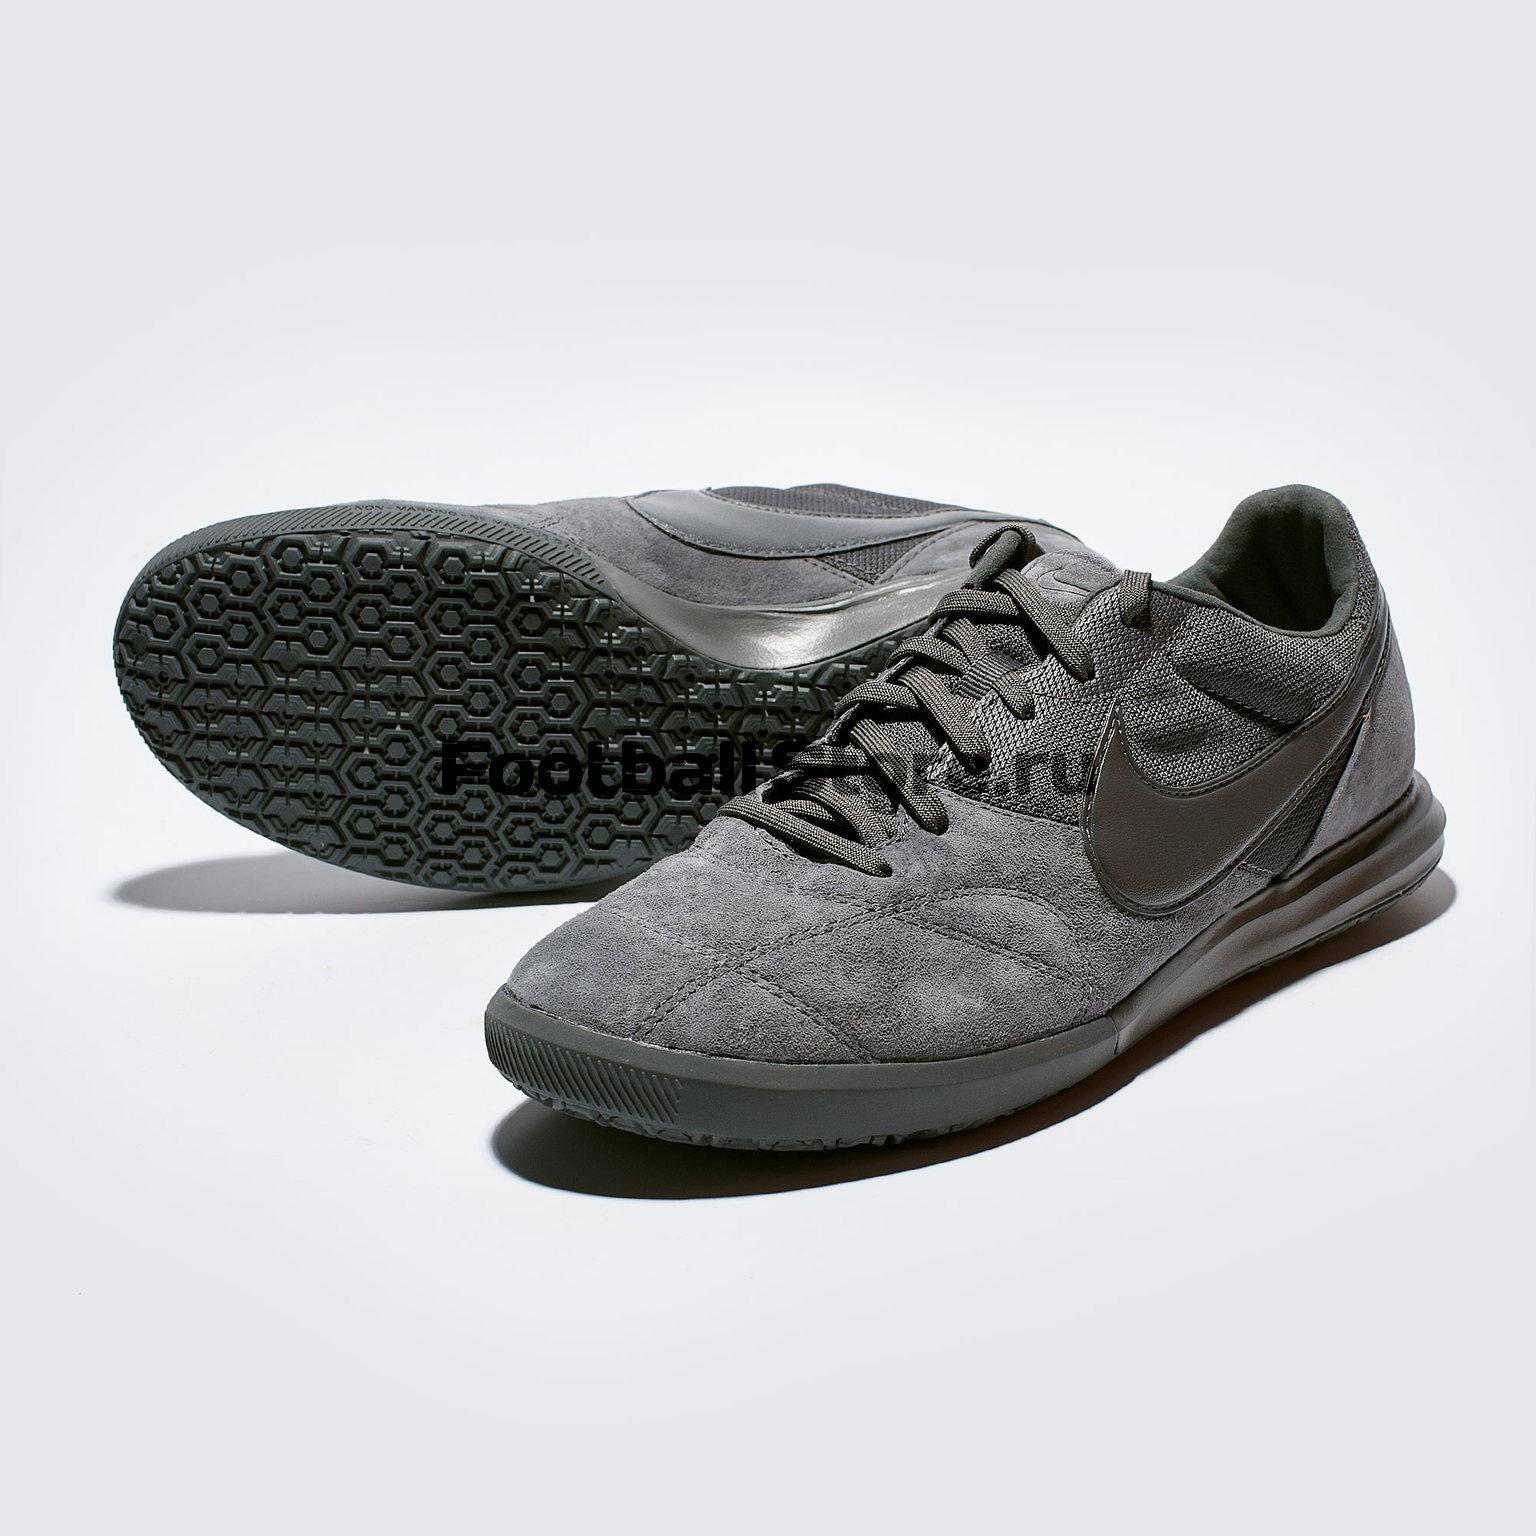 Футзалки Nike Tiempo Premier II Sala AV3153-001 футзалки nike tiempo premier ii sala av3153 441